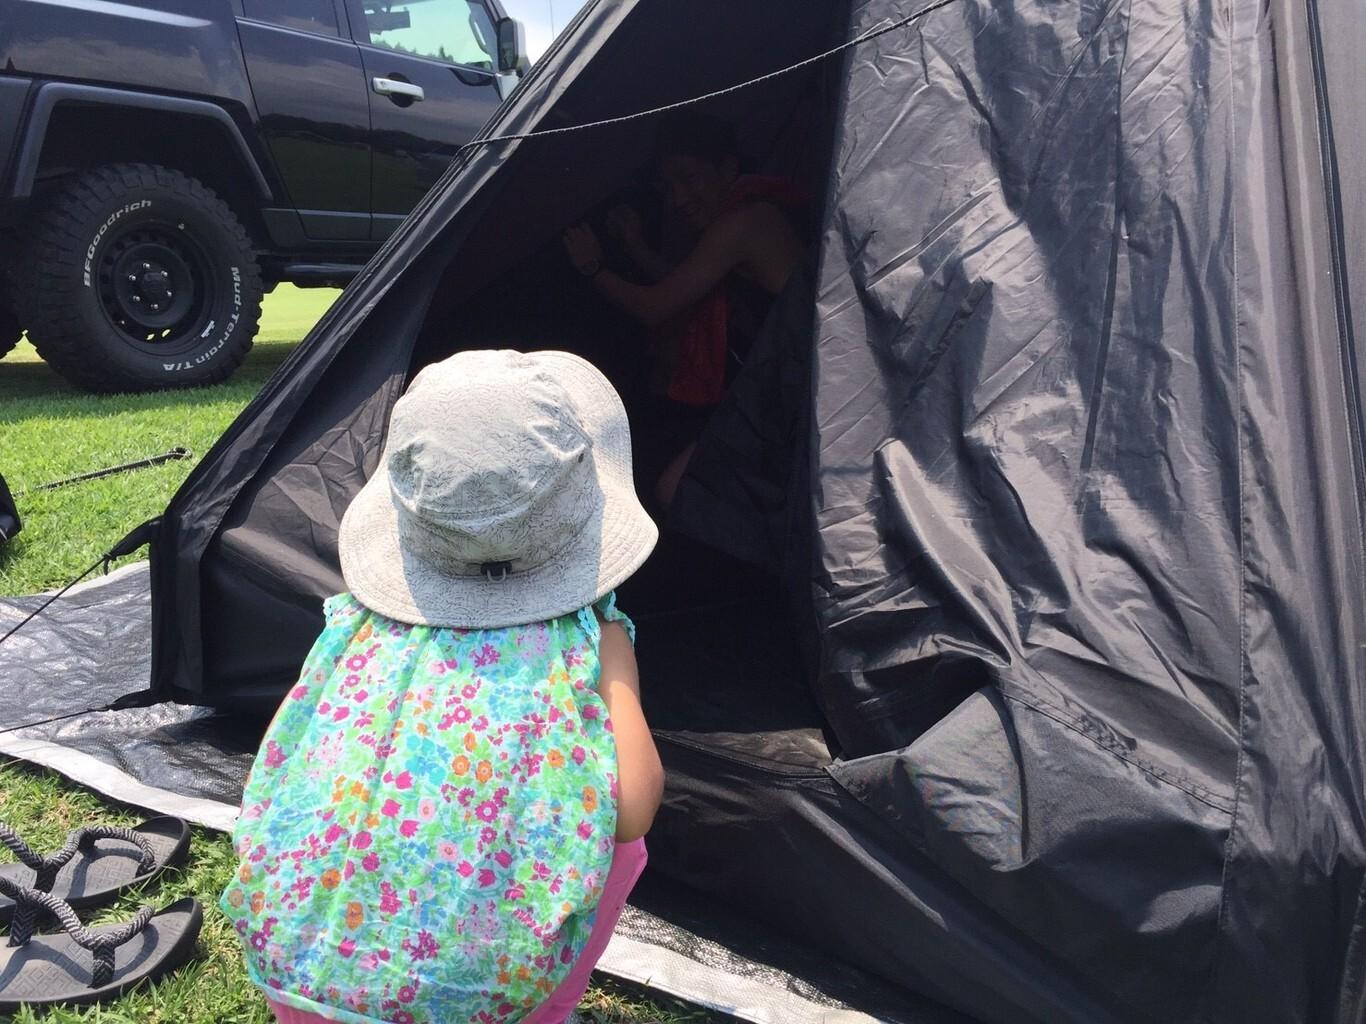 やまぼうしオートキャンプ場 の写真p5940